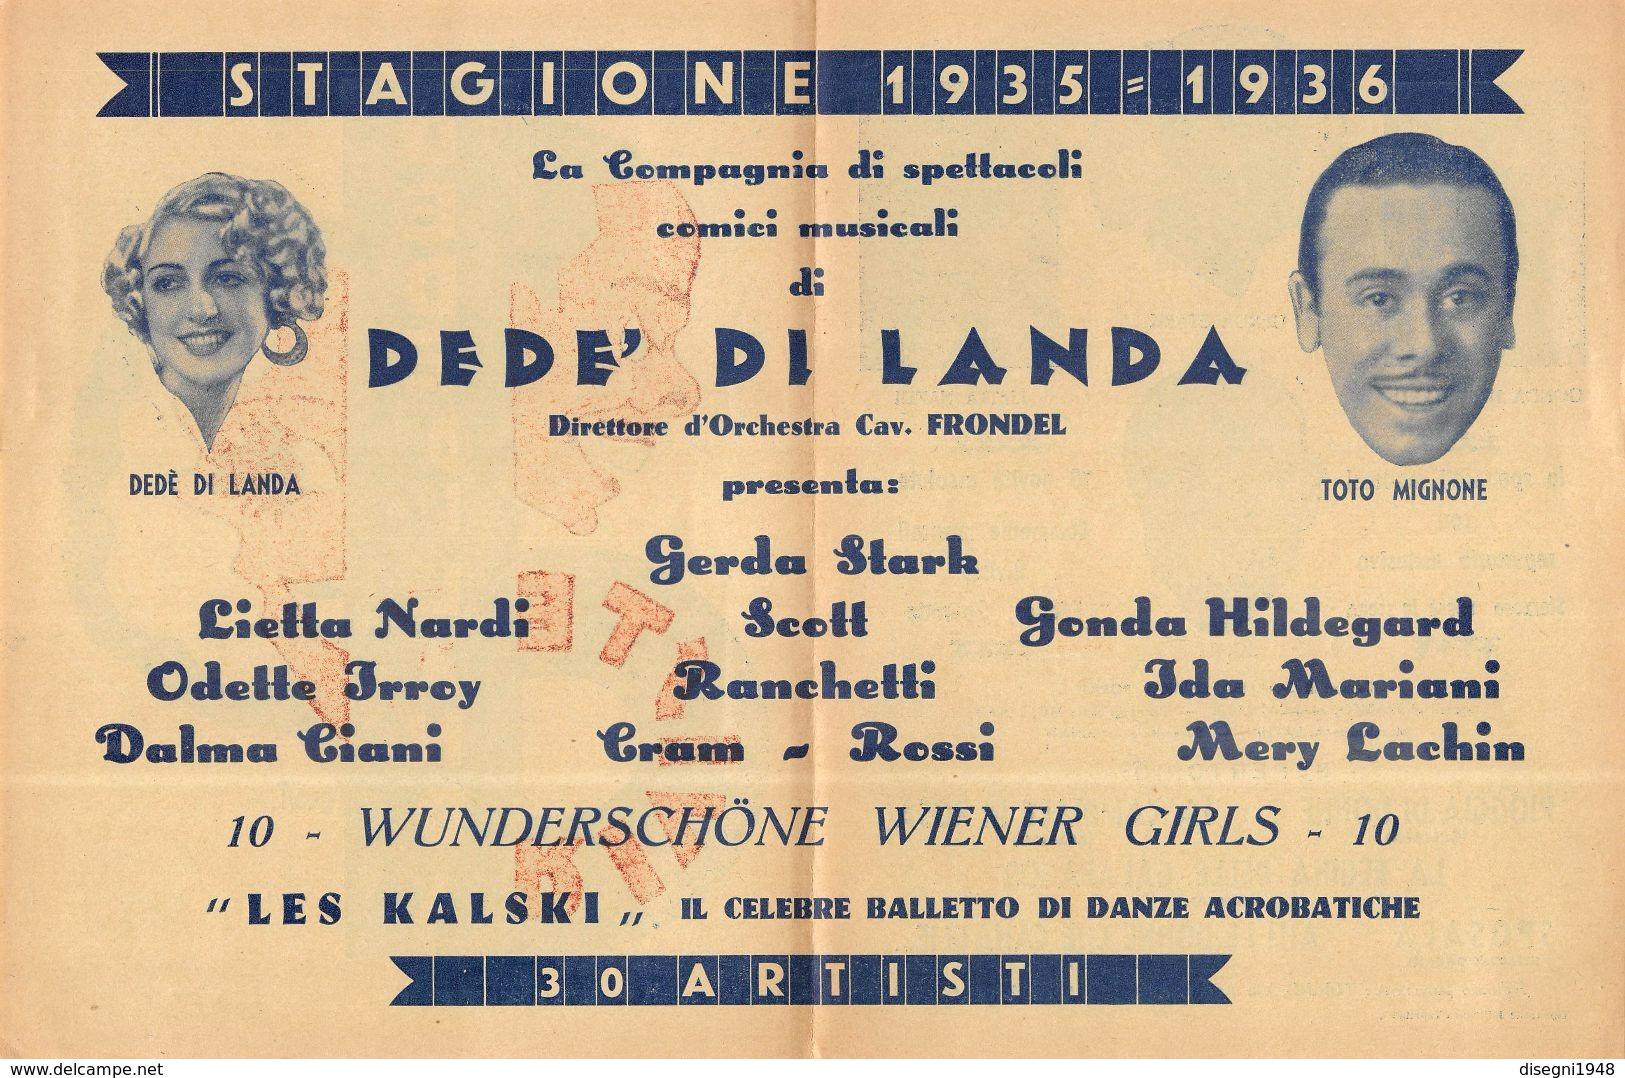 """07231 """"RIVISTE DEDE' DI LANDA - STAGIONE 1935 - 1936 - COMPAGNIA DI SPETTACOLI COMICI""""  LOCANDINA ORIG. - Manifesti & Poster"""